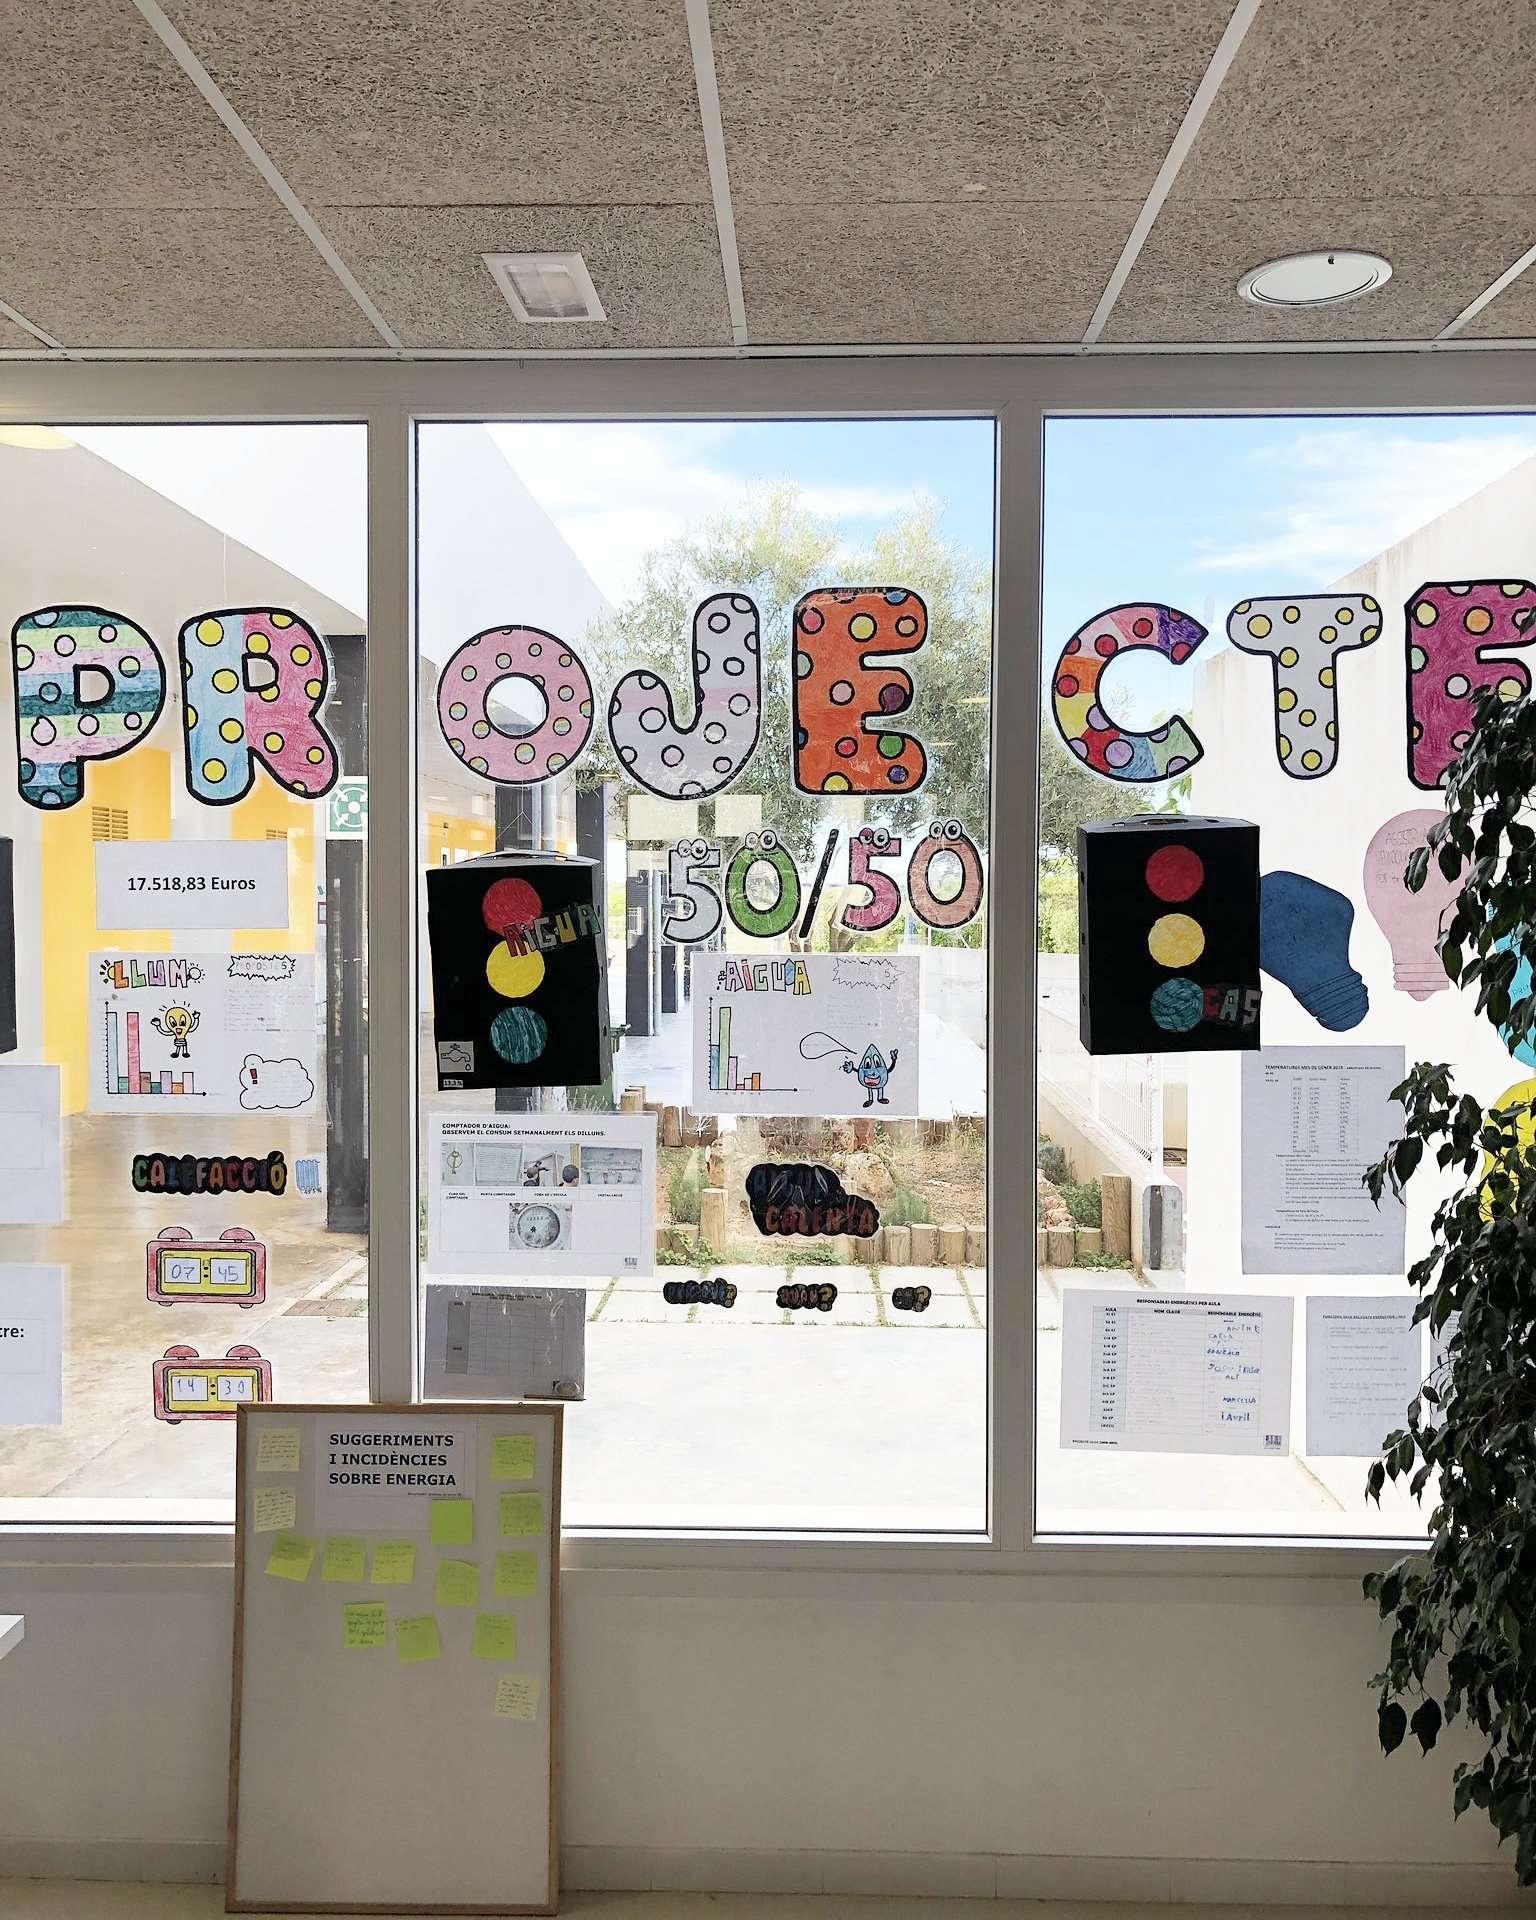 Projecte 50/50 a les escoles de Maó